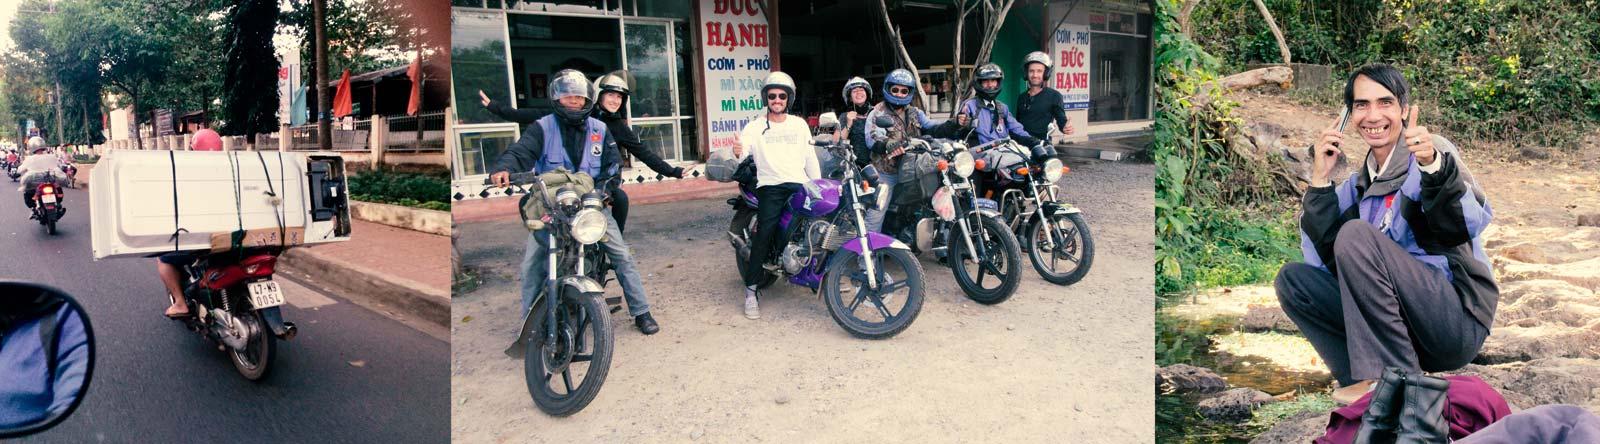 easy-rider-vietnam-bikes